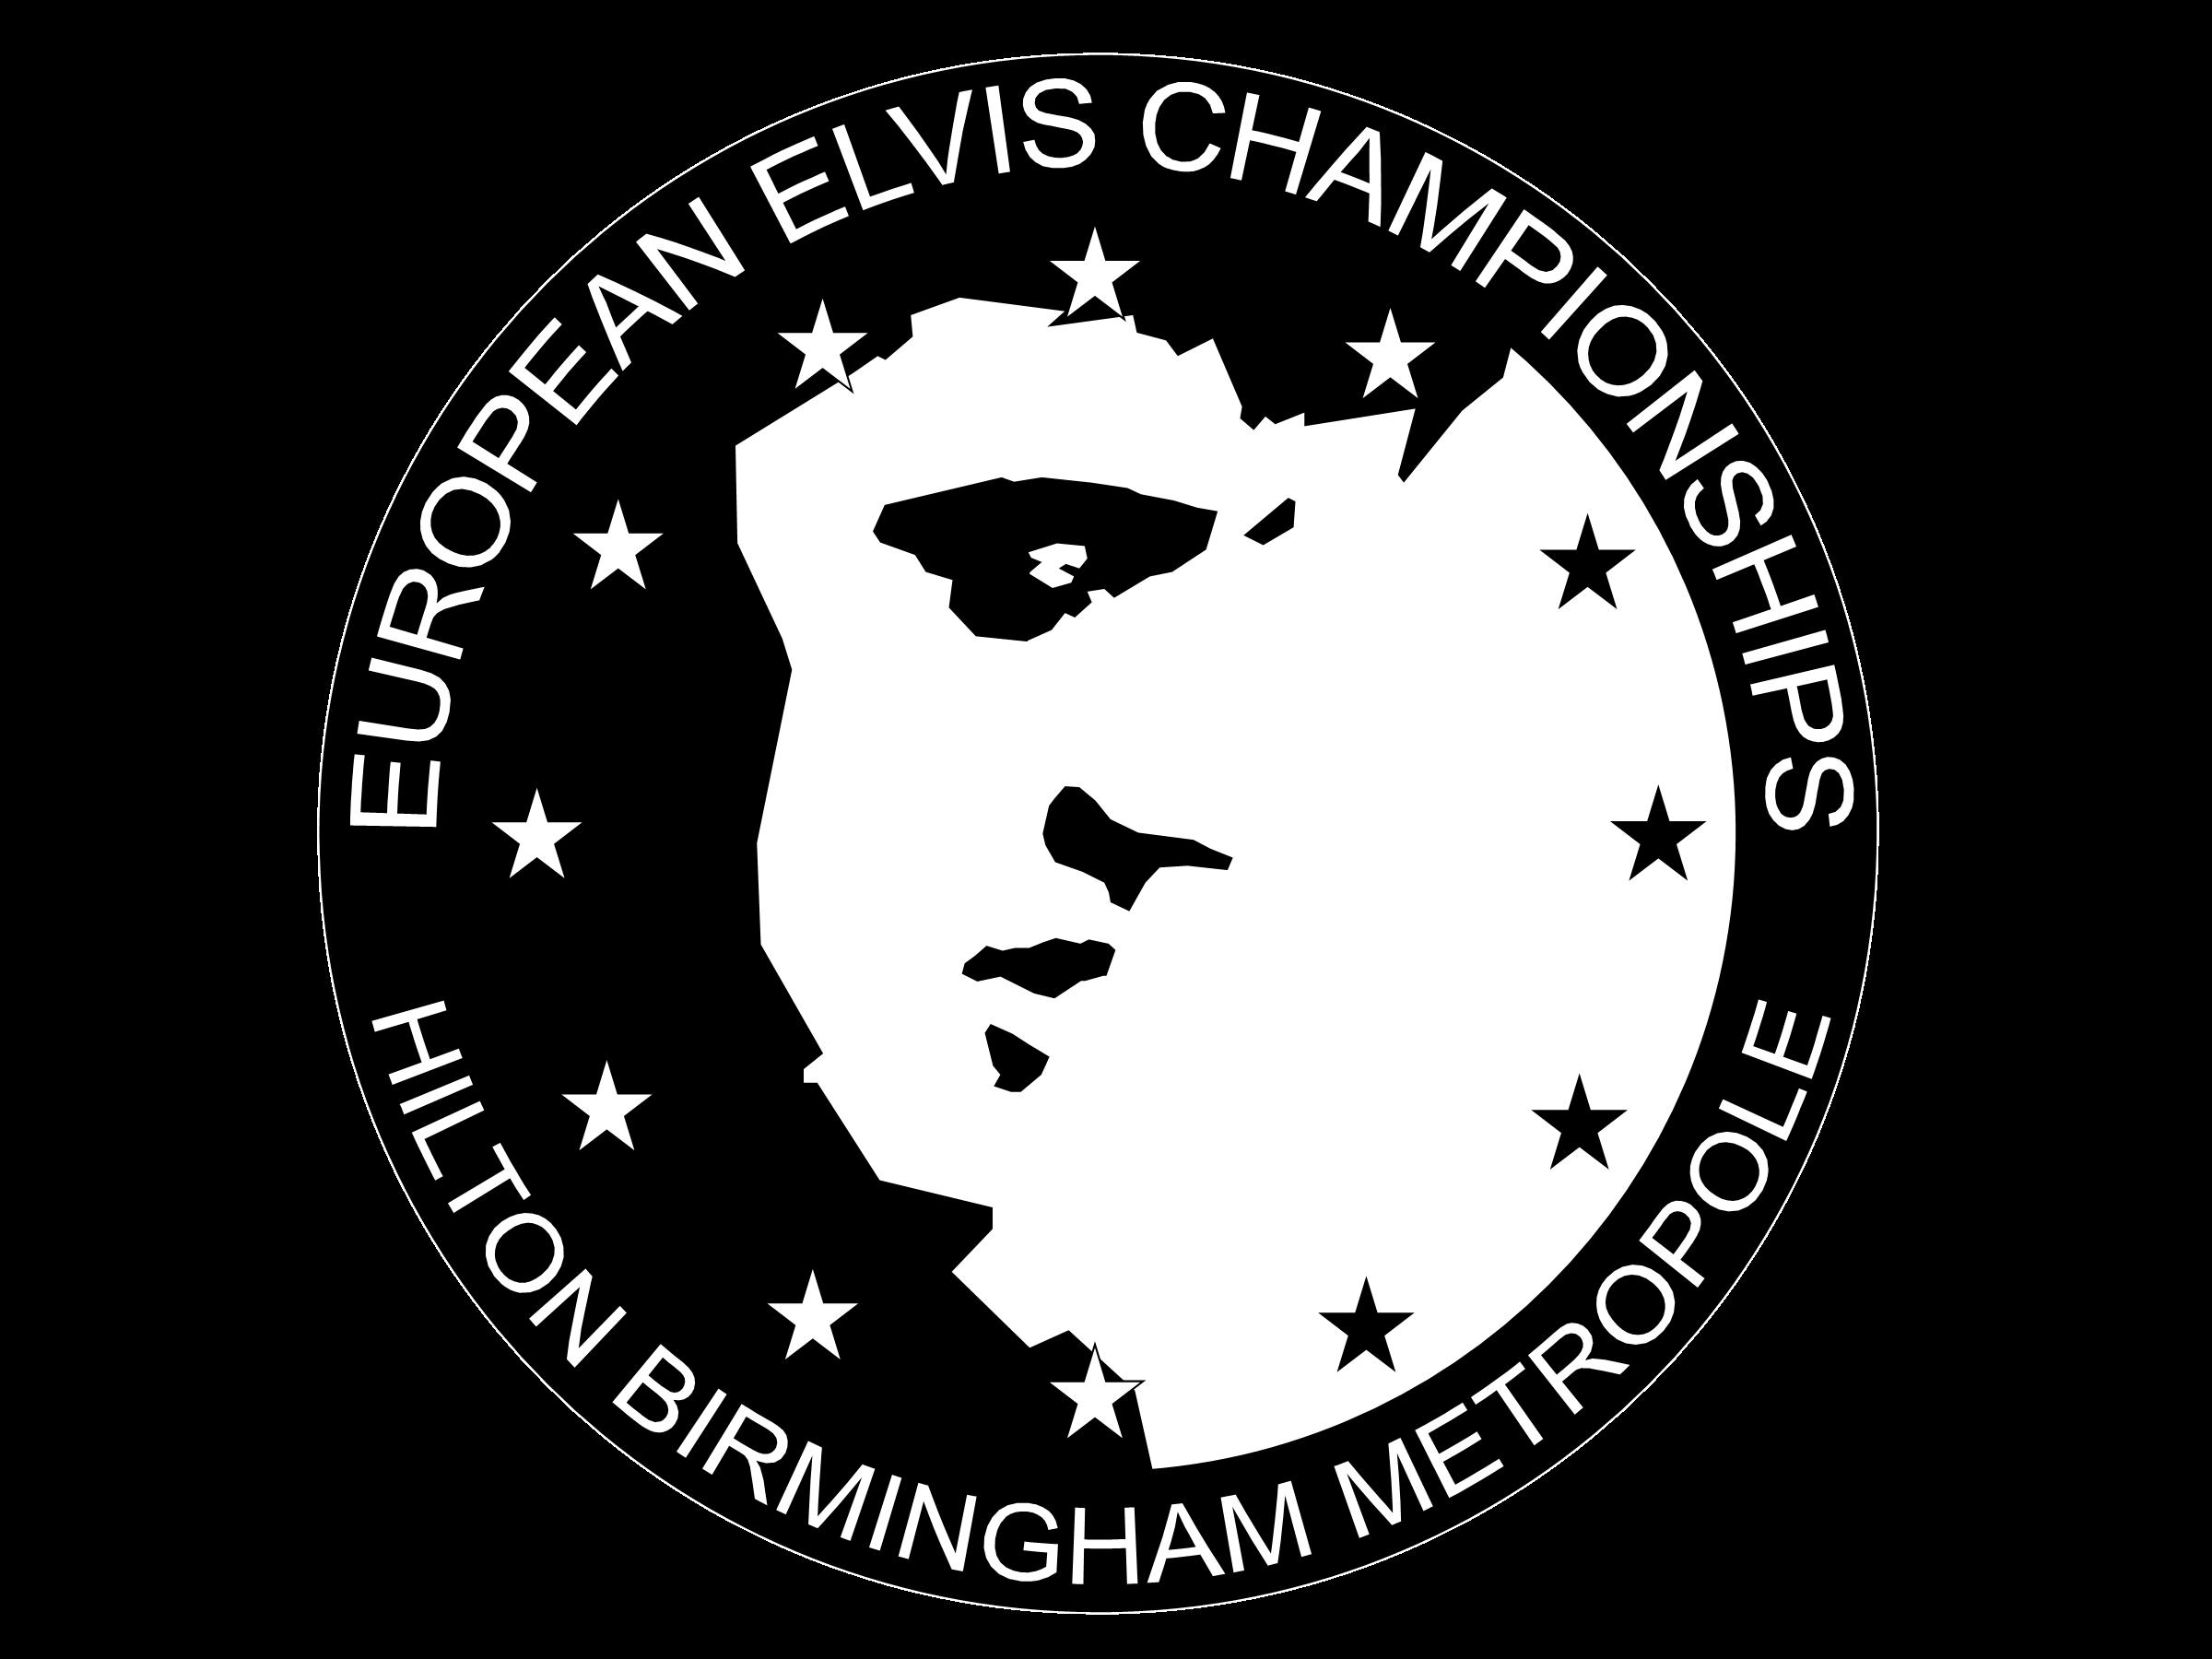 EuropeanElvisChampionships (@EuroElvisChamps )